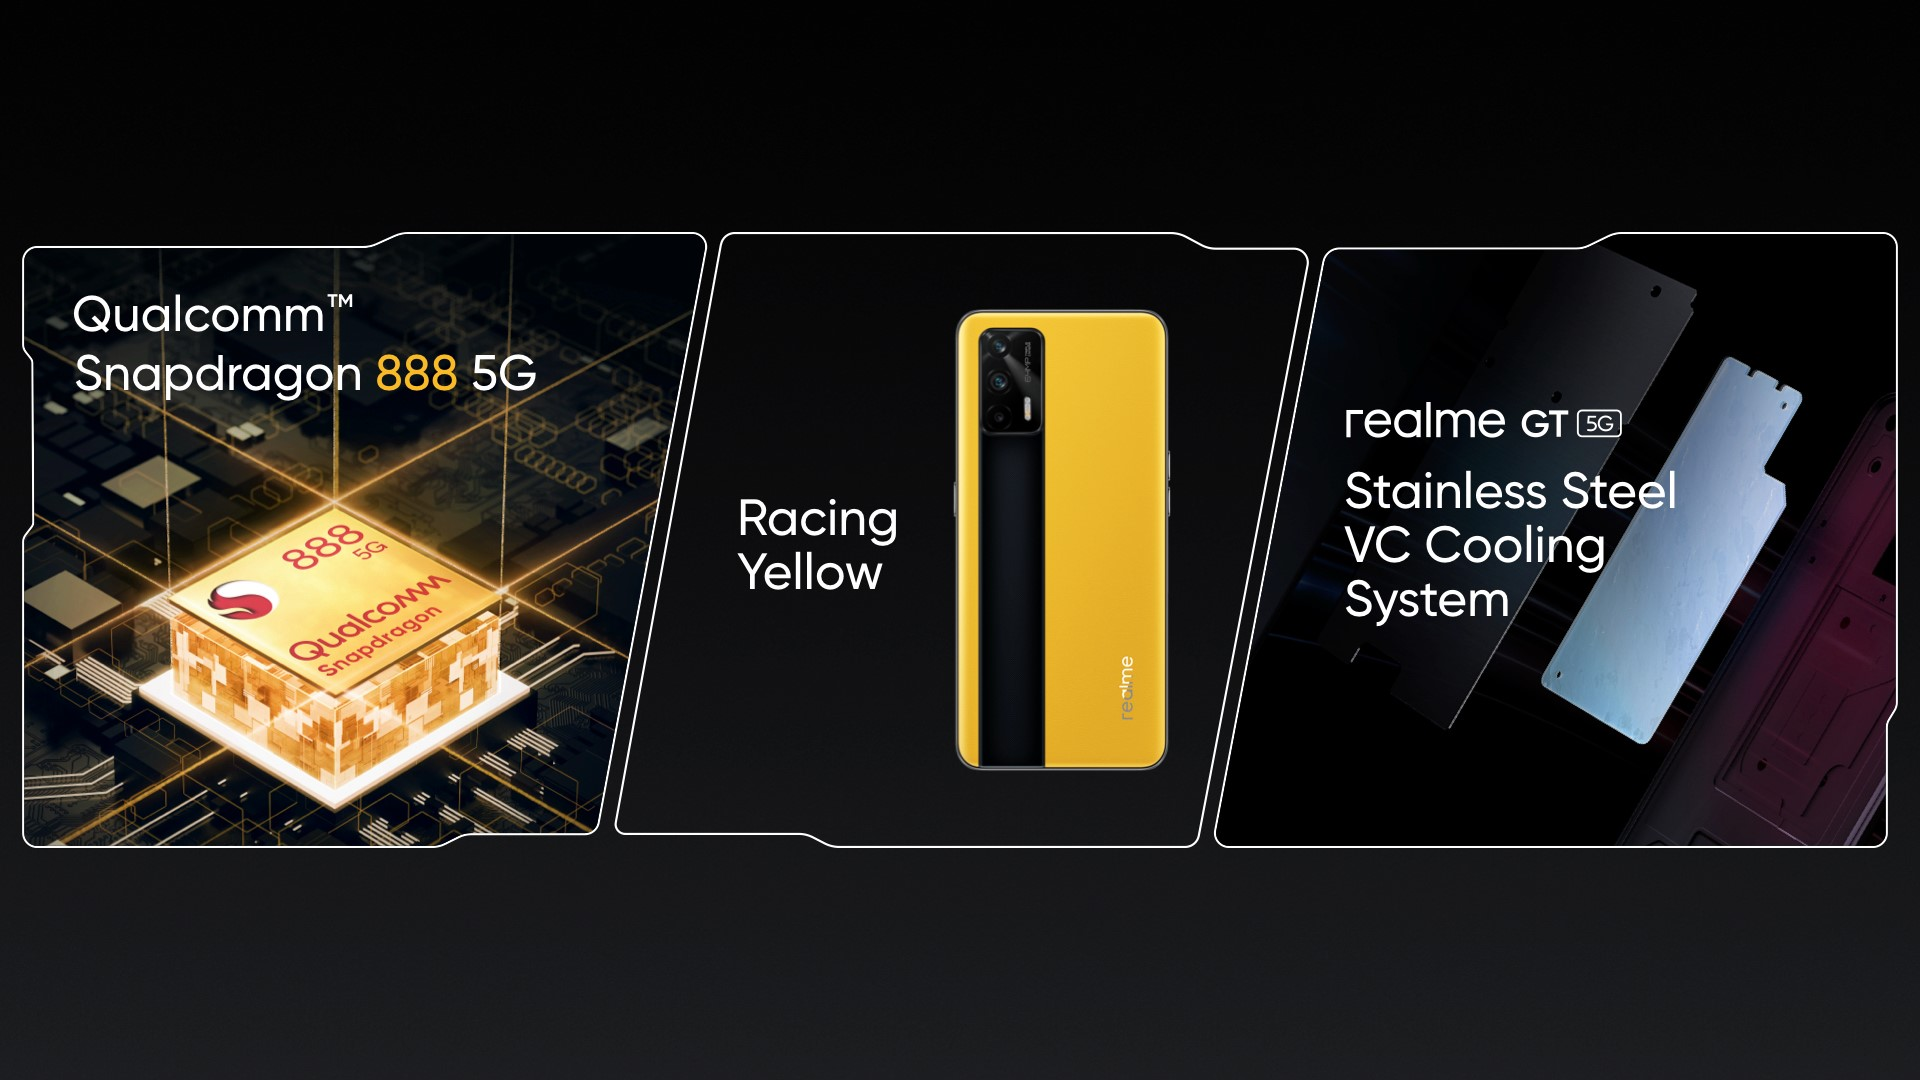 Realme anuncia el lanzamiento global del realme GT y estrategia AIoT